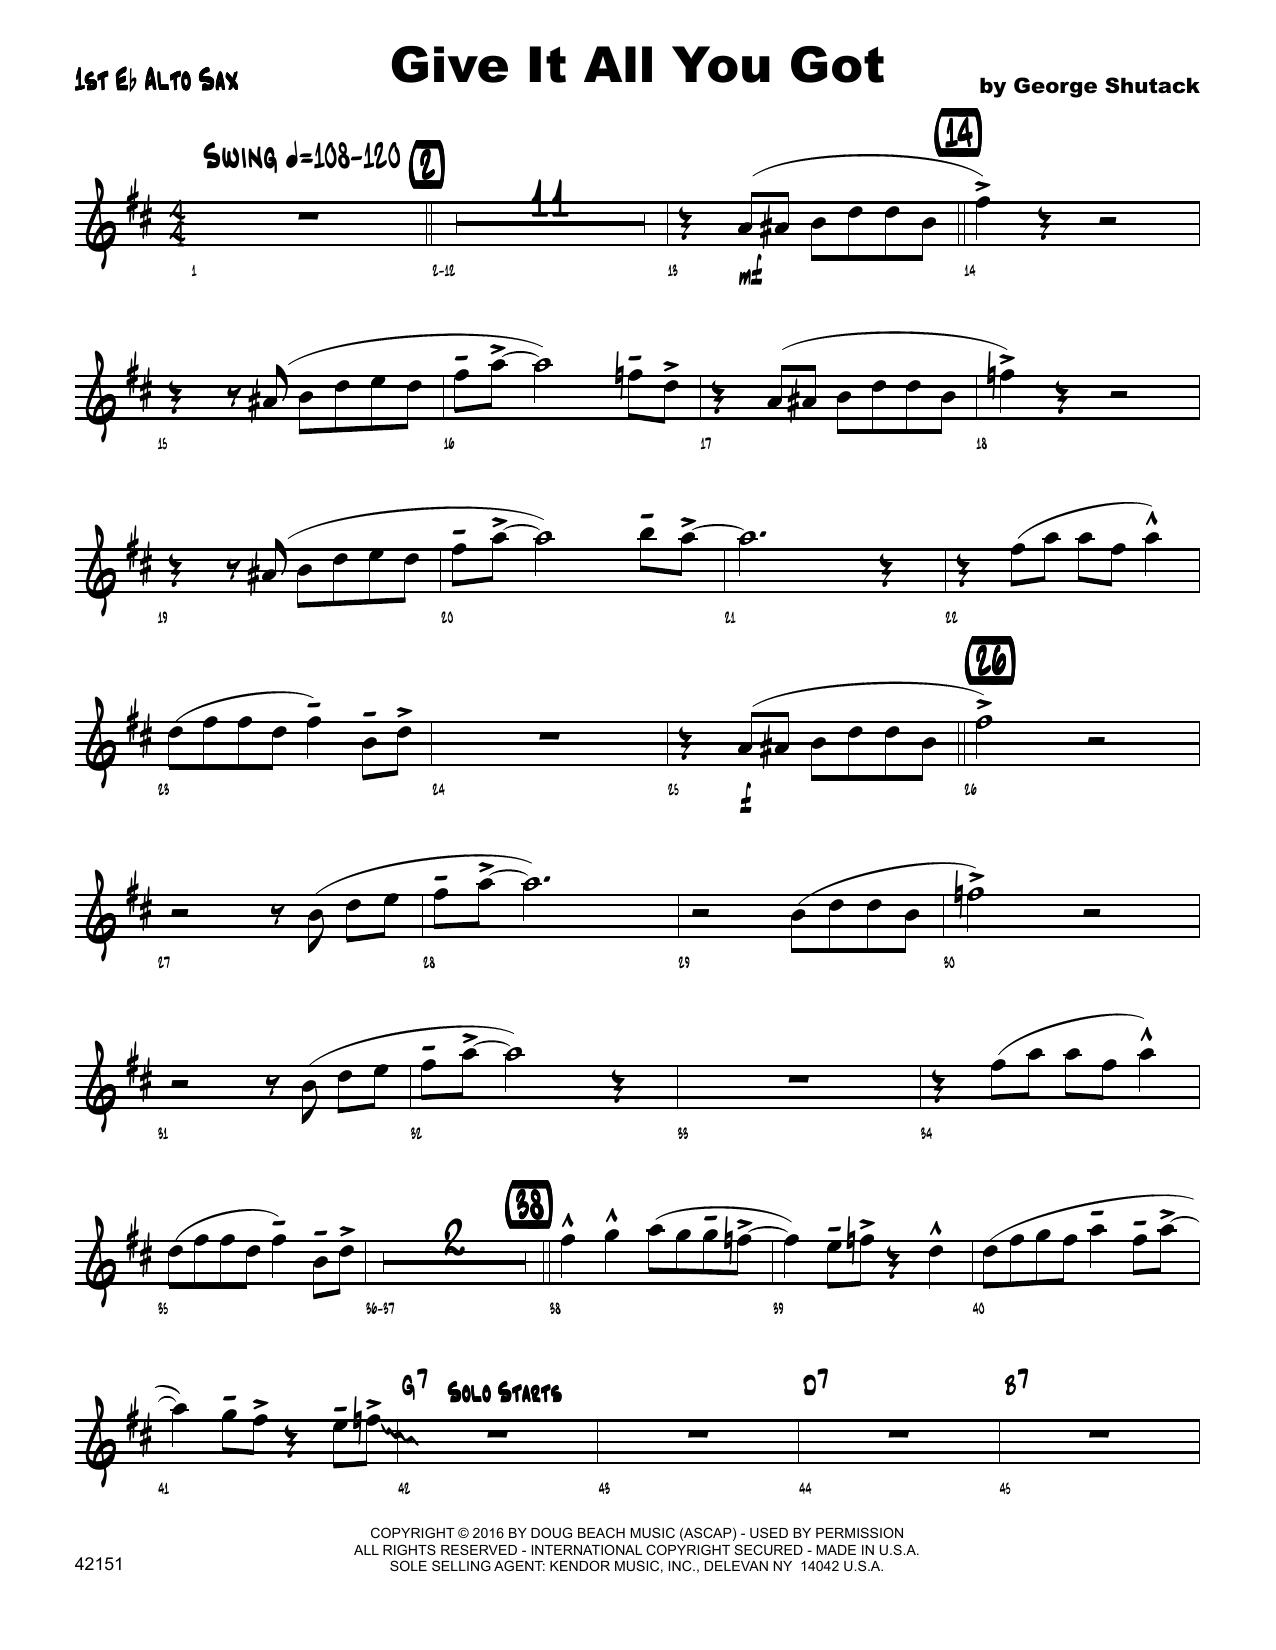 Give It All You Got - 1st Eb Alto Saxophone